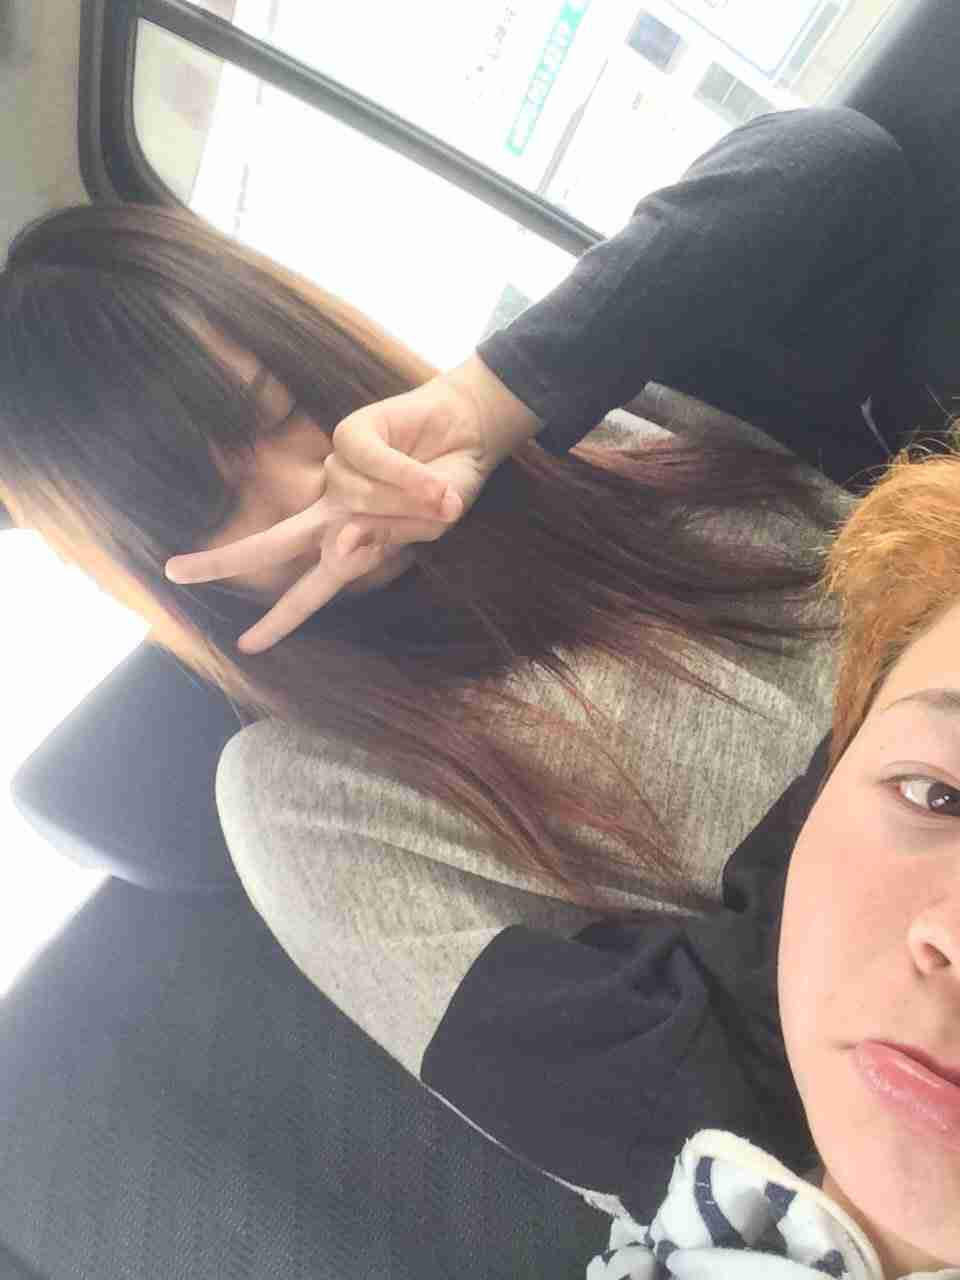 熊本への支援物資を高校生が集団で窃盗!ツイッターで自慢、正体も判明